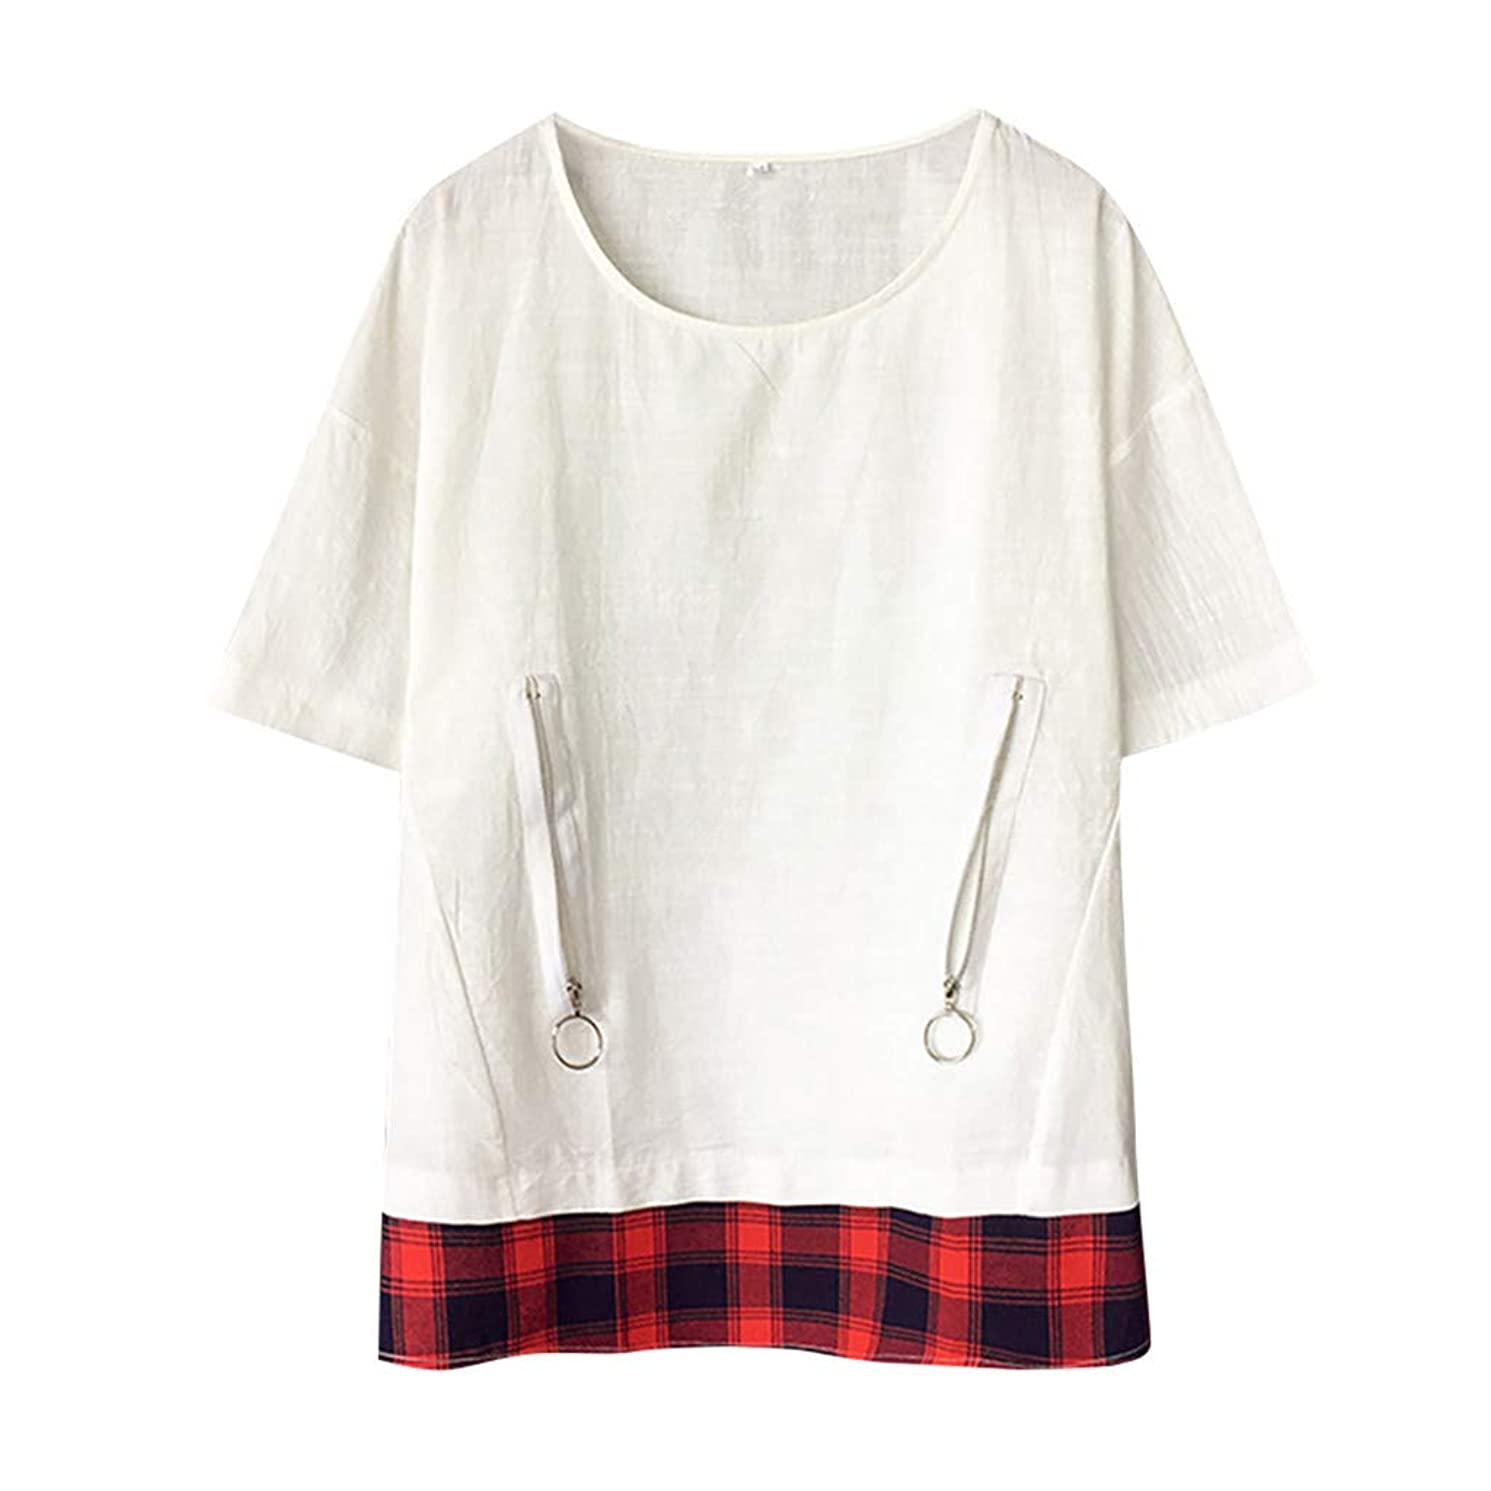 NRUTUP Men's Baggy Cotton Linen SOID Color Short Sleeve Retro T Shirts Tops Blouse